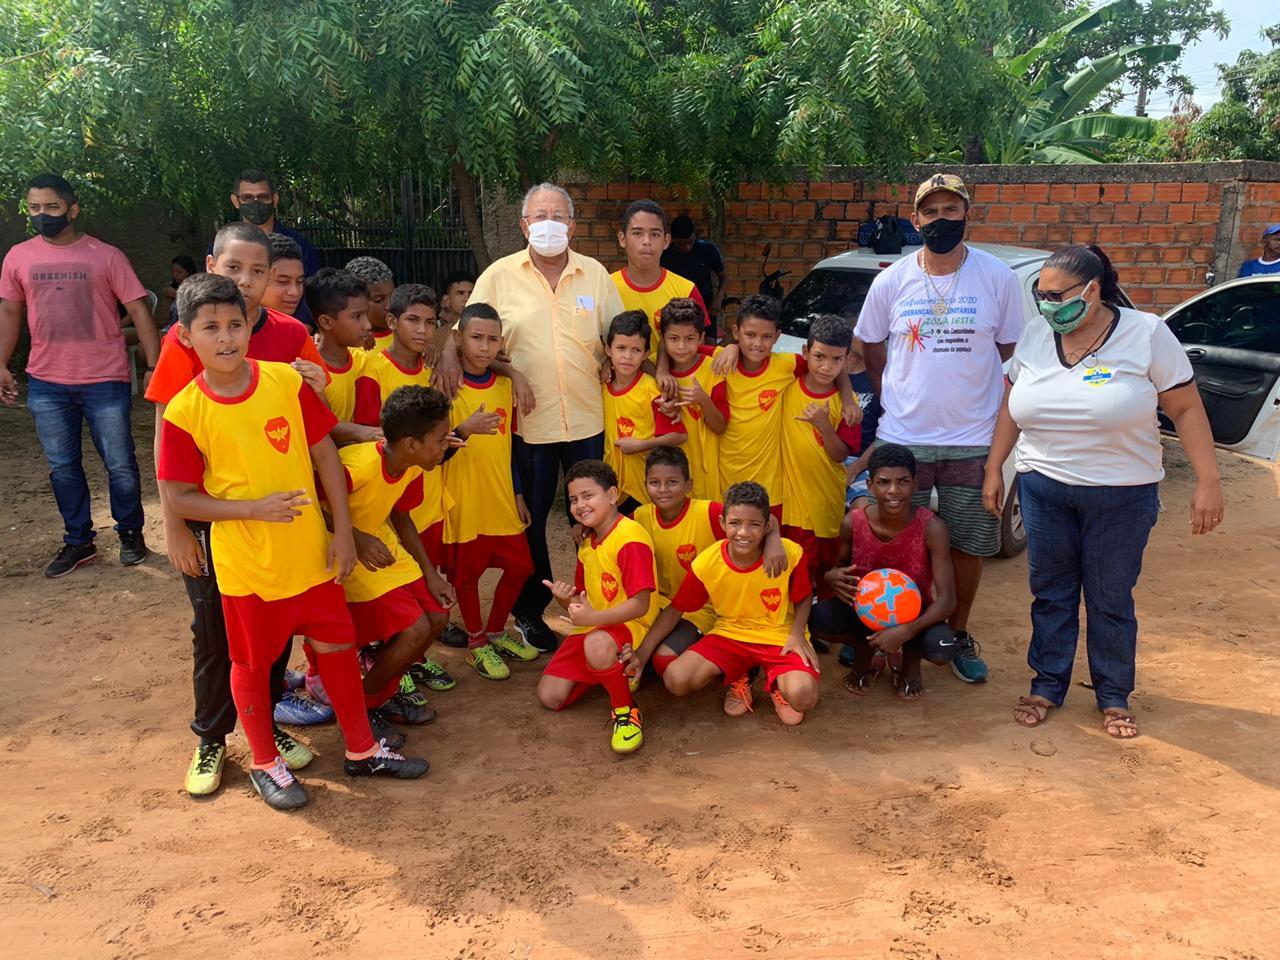 Prefeito Dr. Pessoa participa de copa e destaca ações para o esporte - Imagem 1